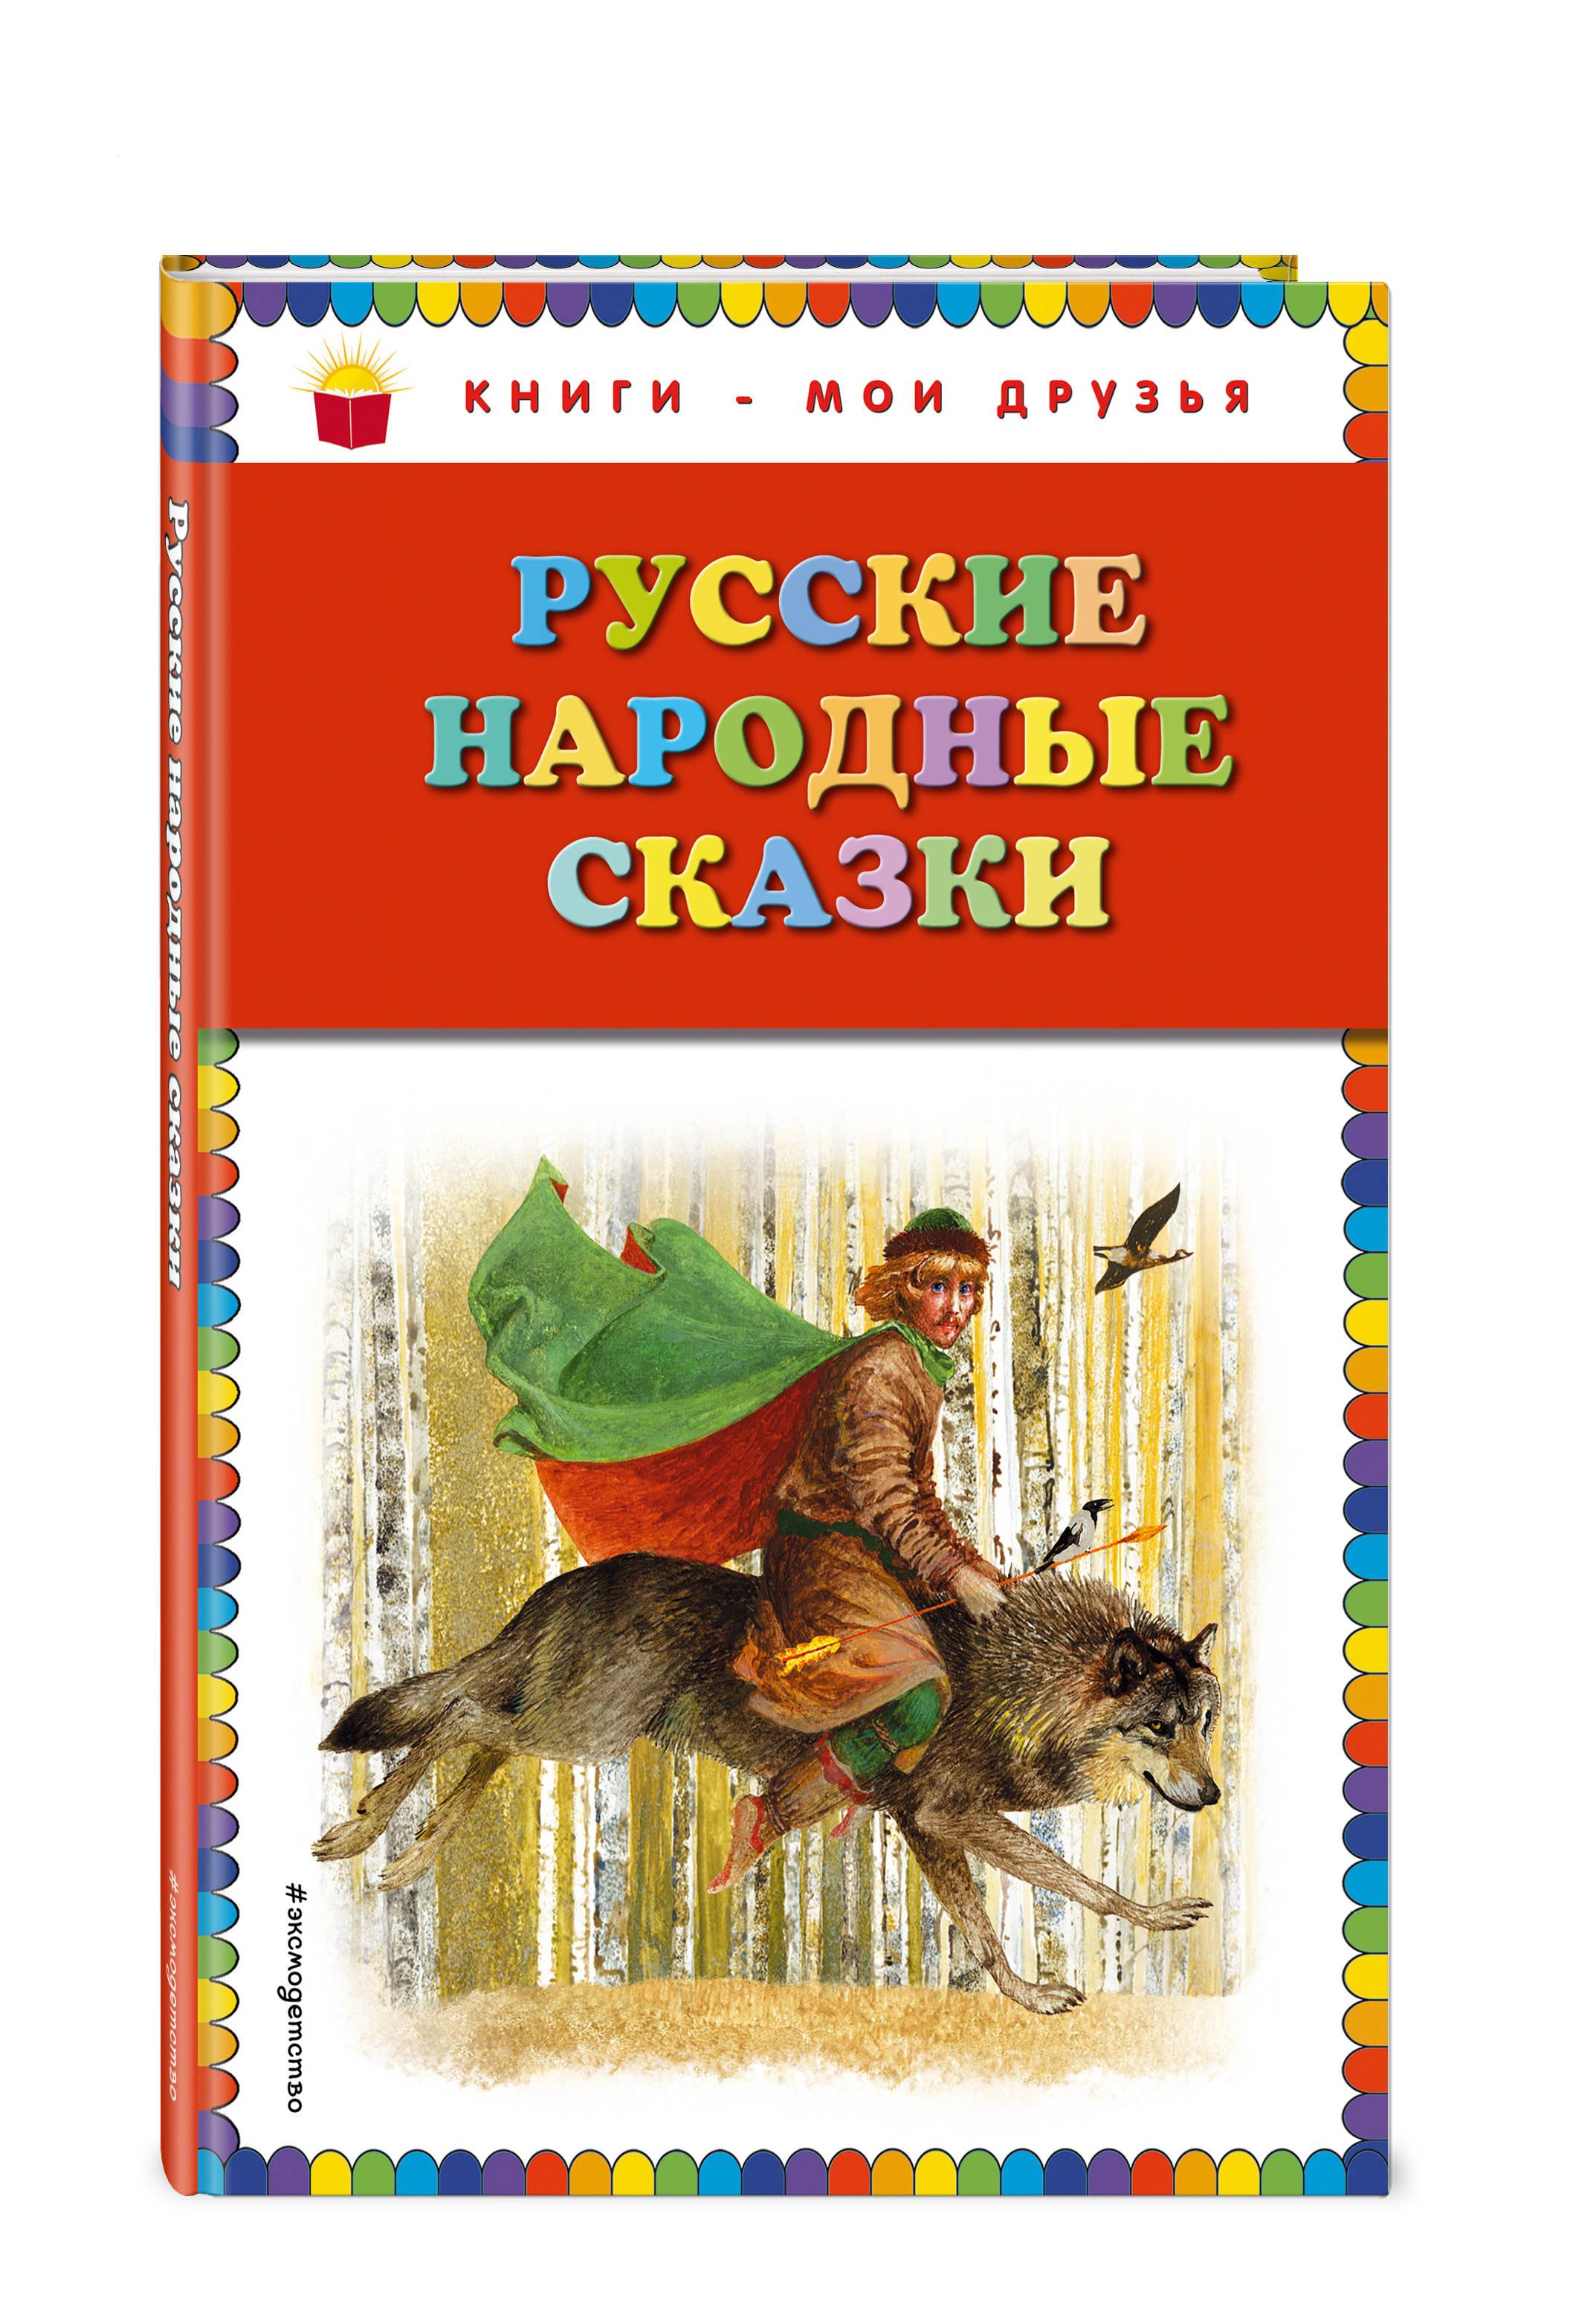 Русские народные сказки (ил. Ю. Николаева) толстой а н русские народные сказки ил ю николаева